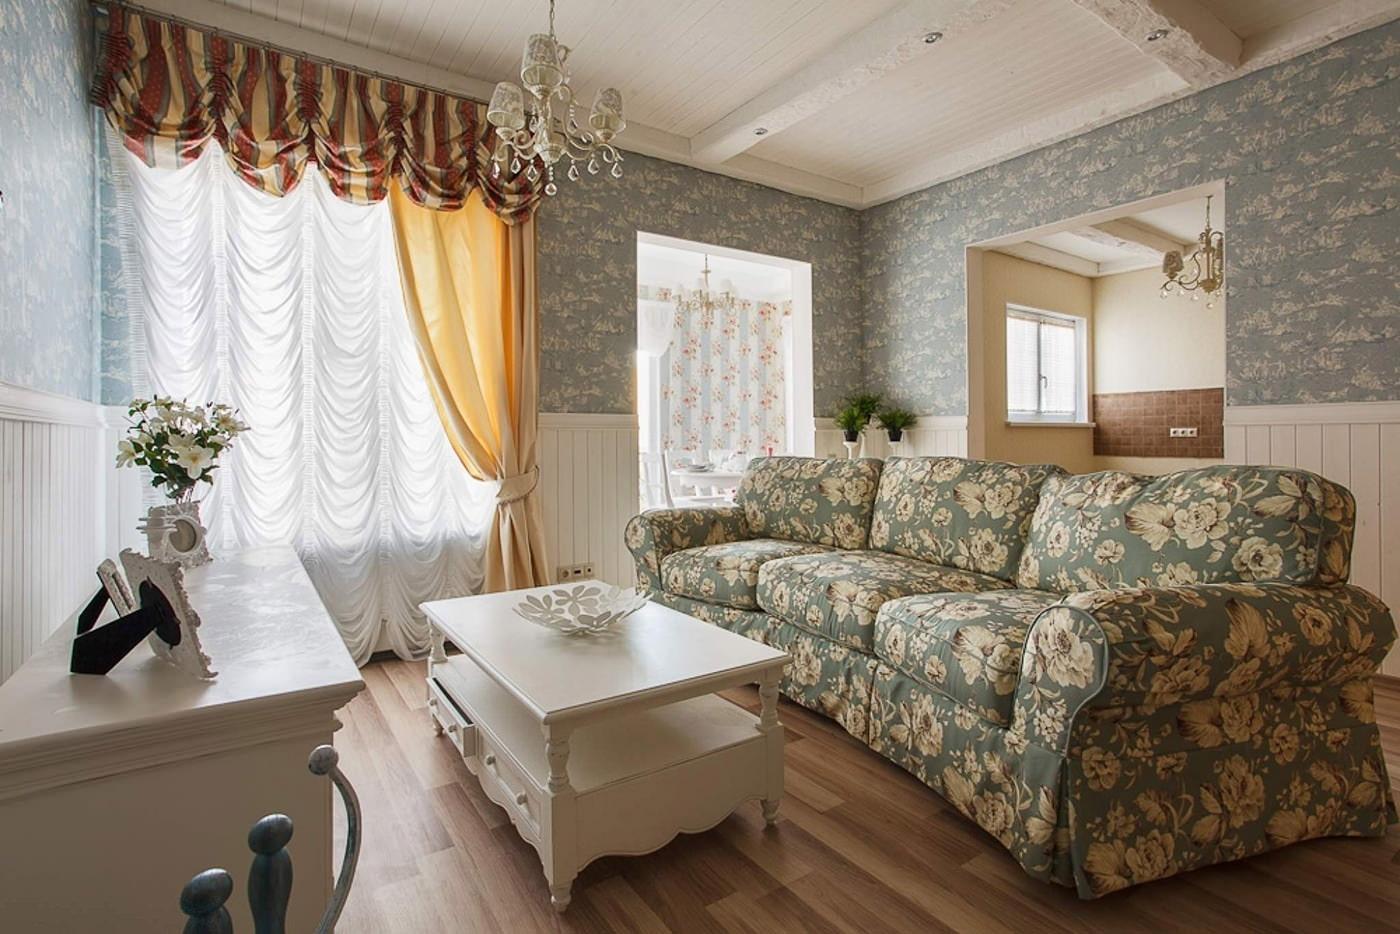 rideaux dans le salon provence